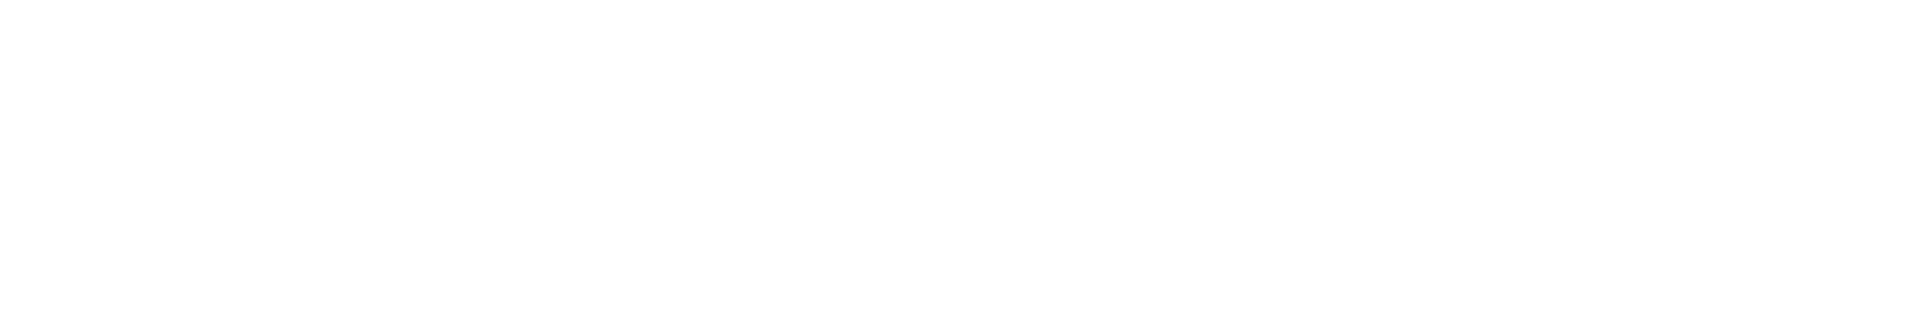 SYMETRON-logo-white